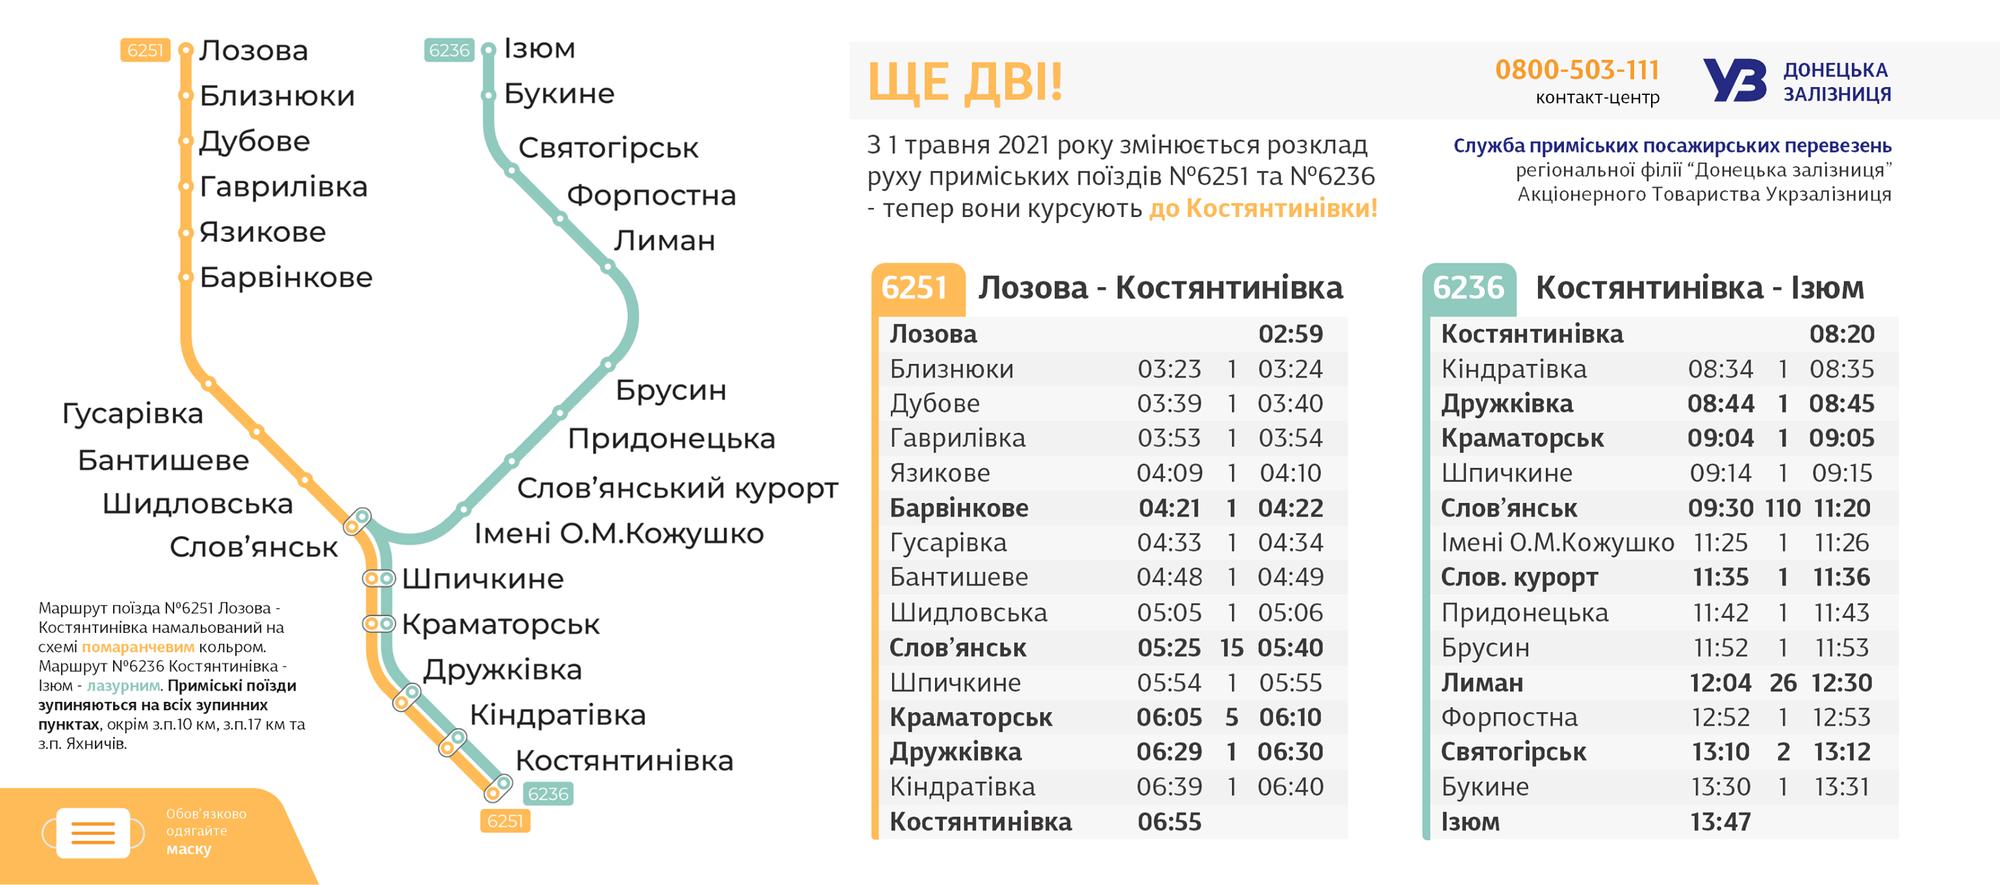 Розклад руху електропотягів №6251 Лозова – Краматорськ та №6236 Краматорськ – Ізюм